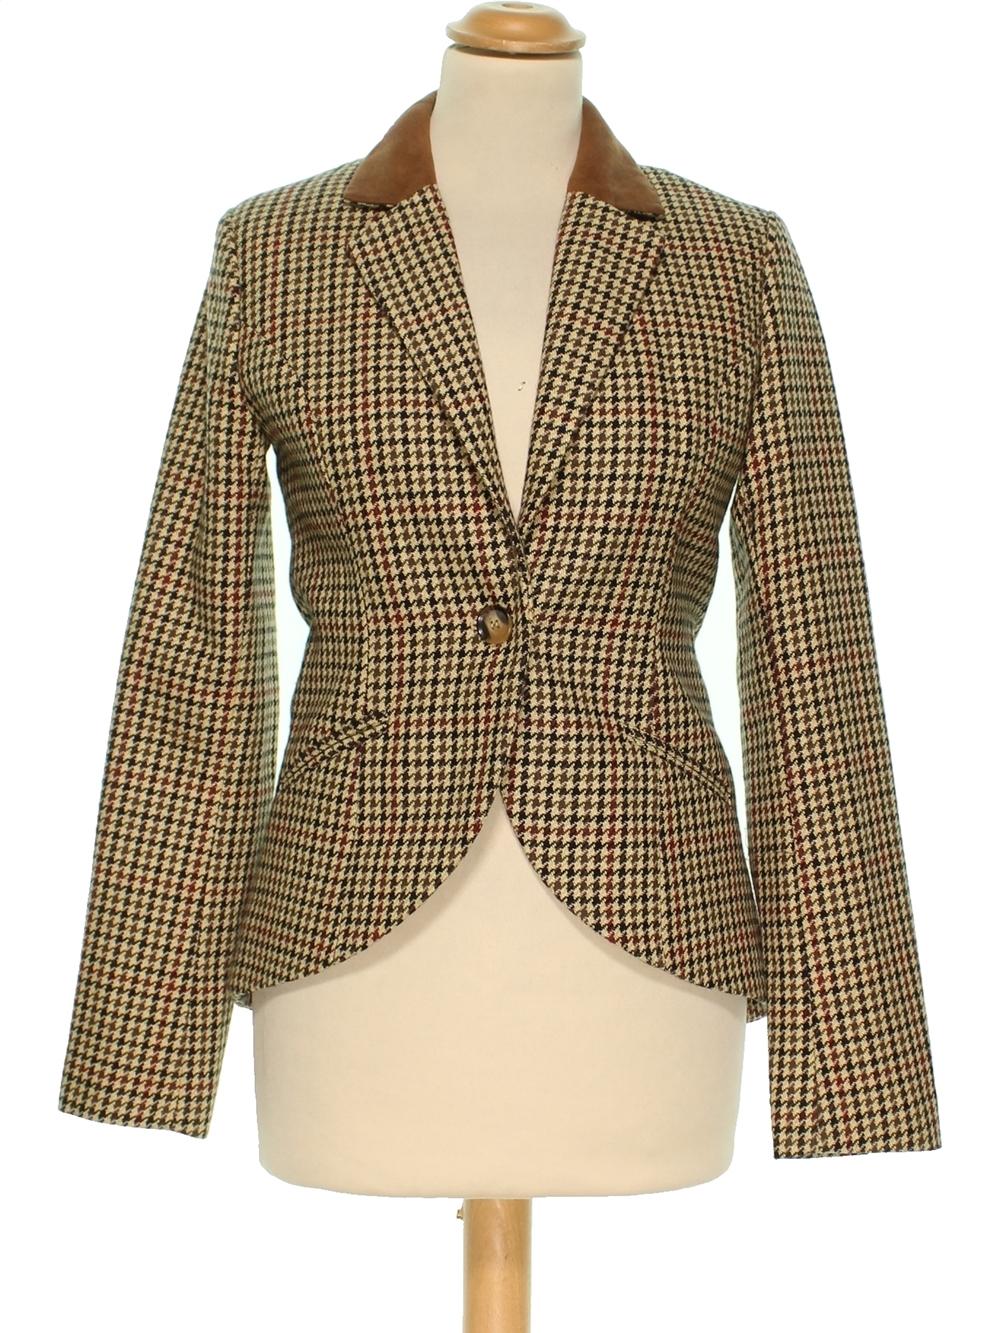 meilleur service 35a1b 11d8d Veste de tailleur, Blazer Femme H&M 34 (S - T1) pas cher ...